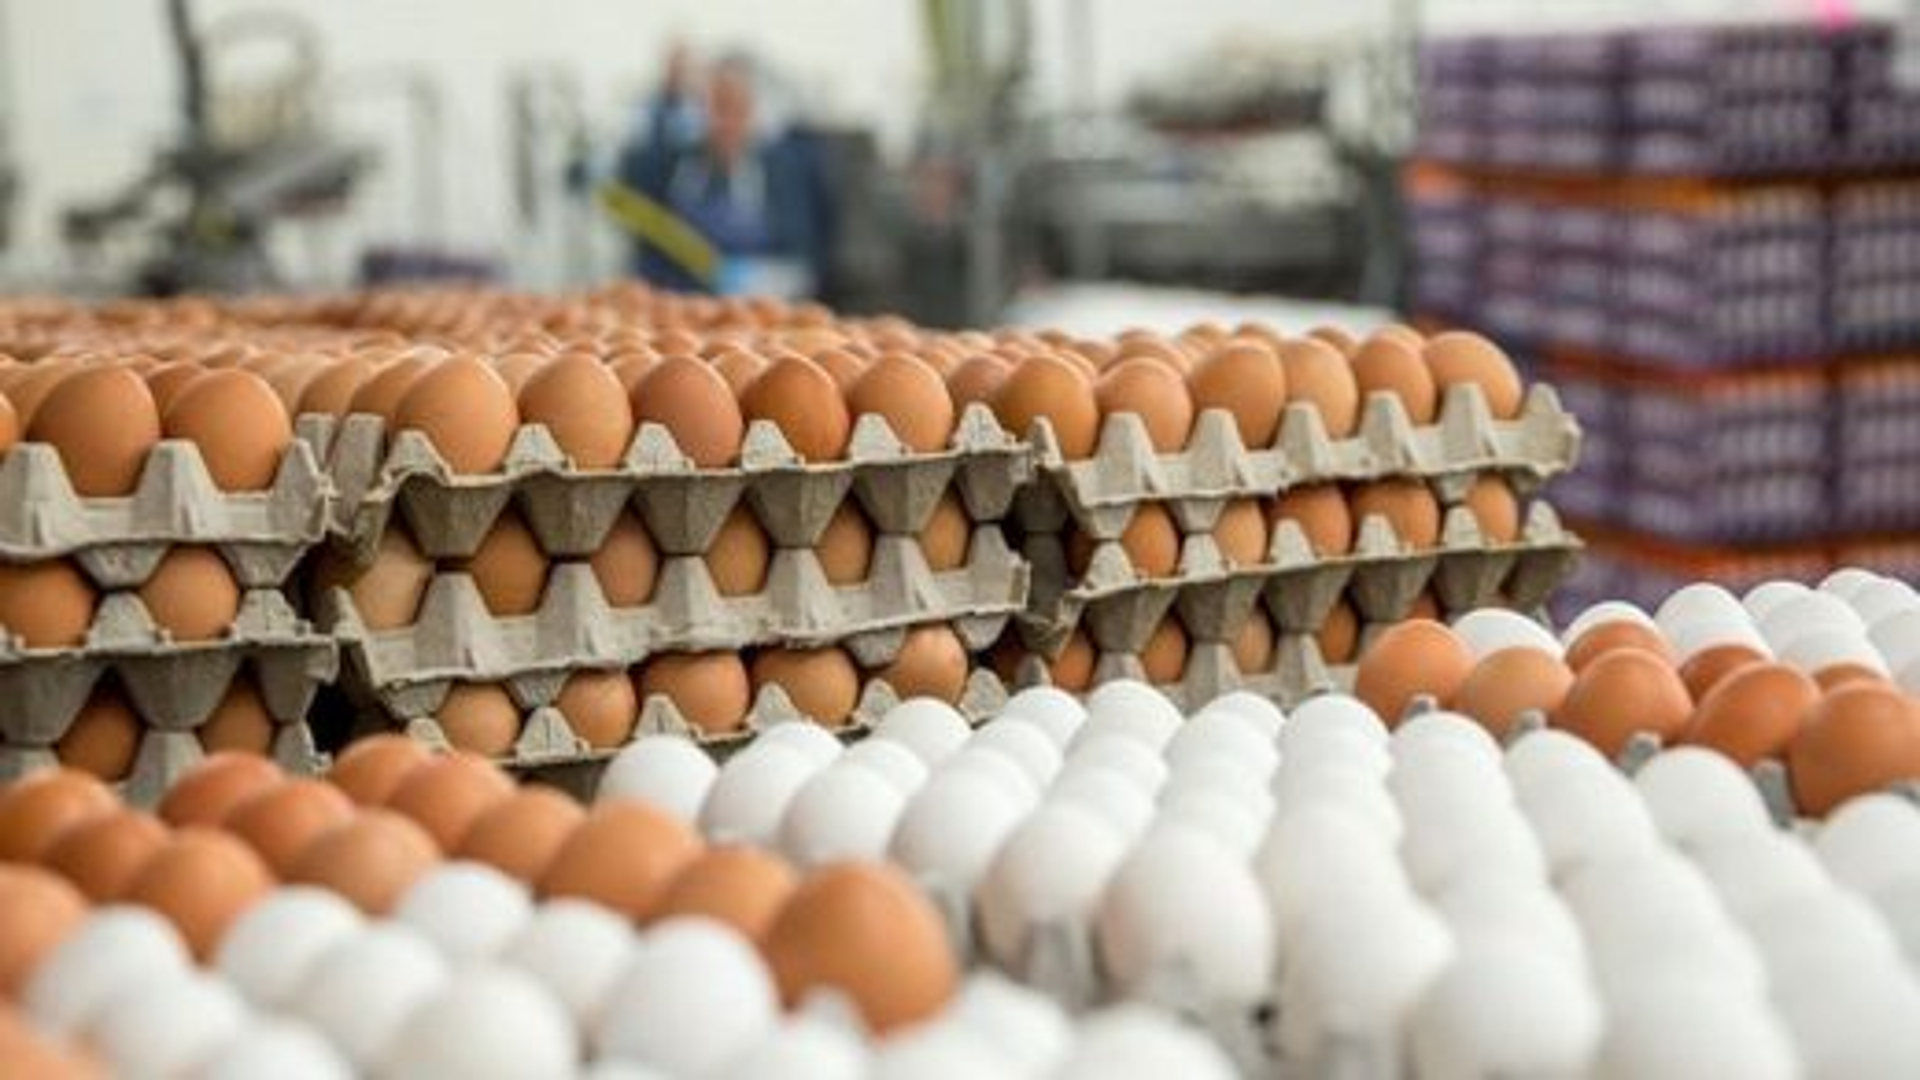 تخم-مرغ | تگ